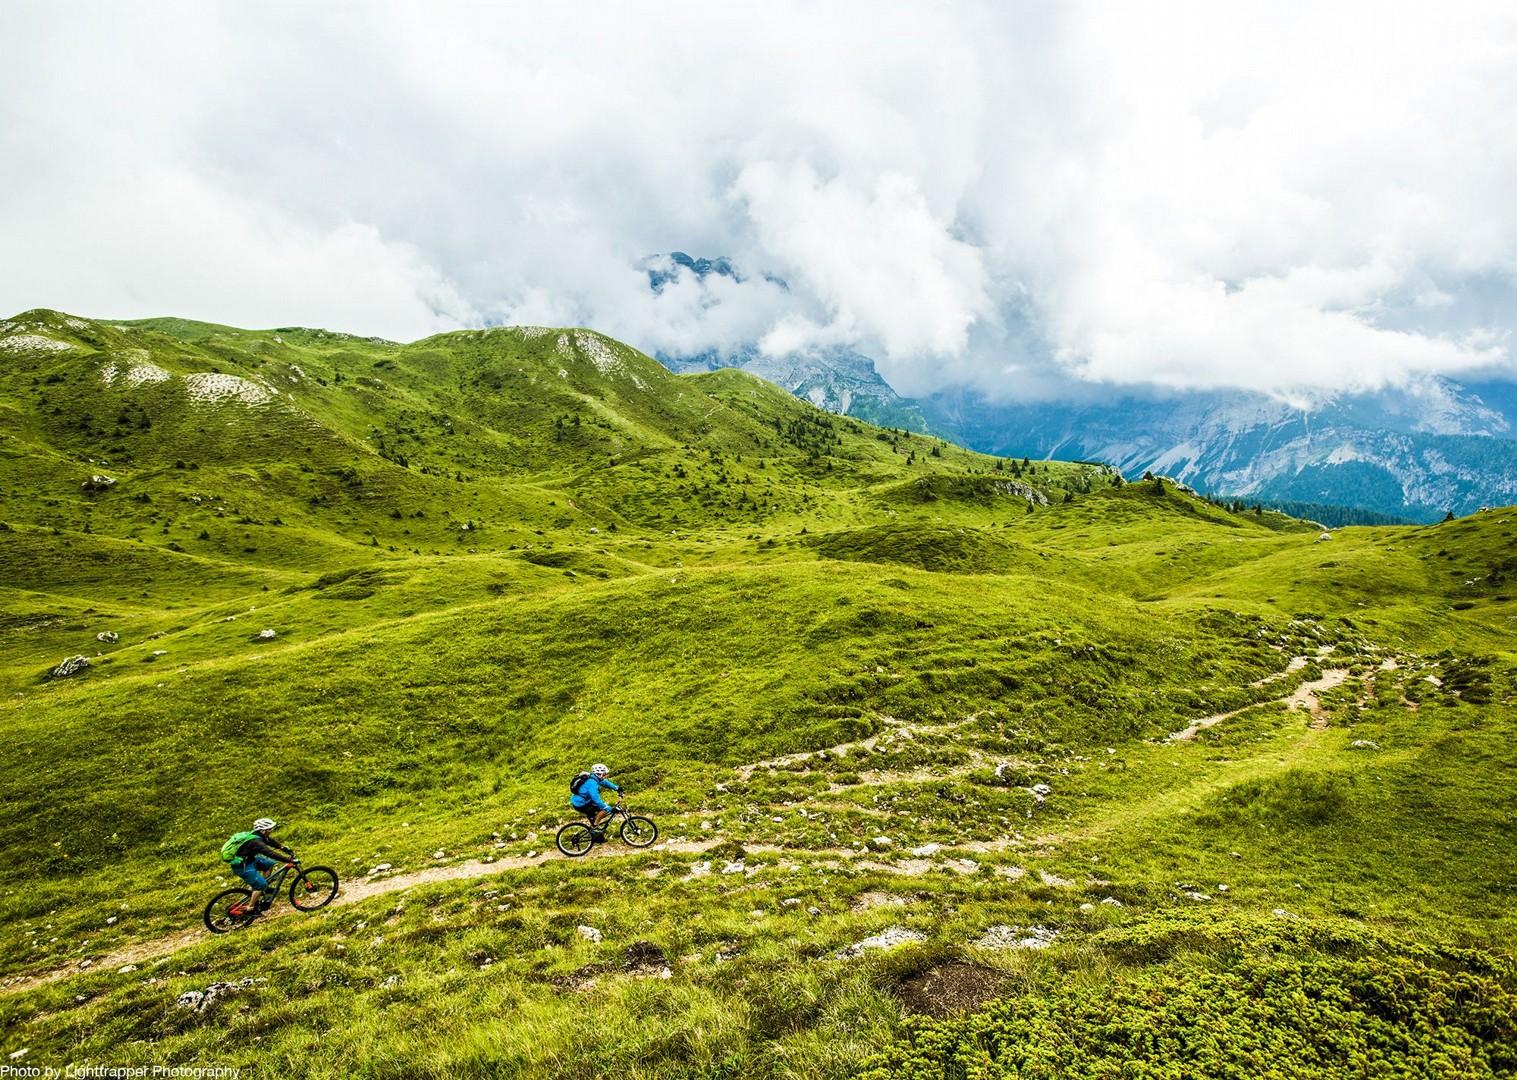 saddle_skedaddle_italy_2017_day6_brenta_dolomites_177-2.jpg - Italy - Dolomites of Brenta - Electric Mountain Bike Holiday - Mountain Biking